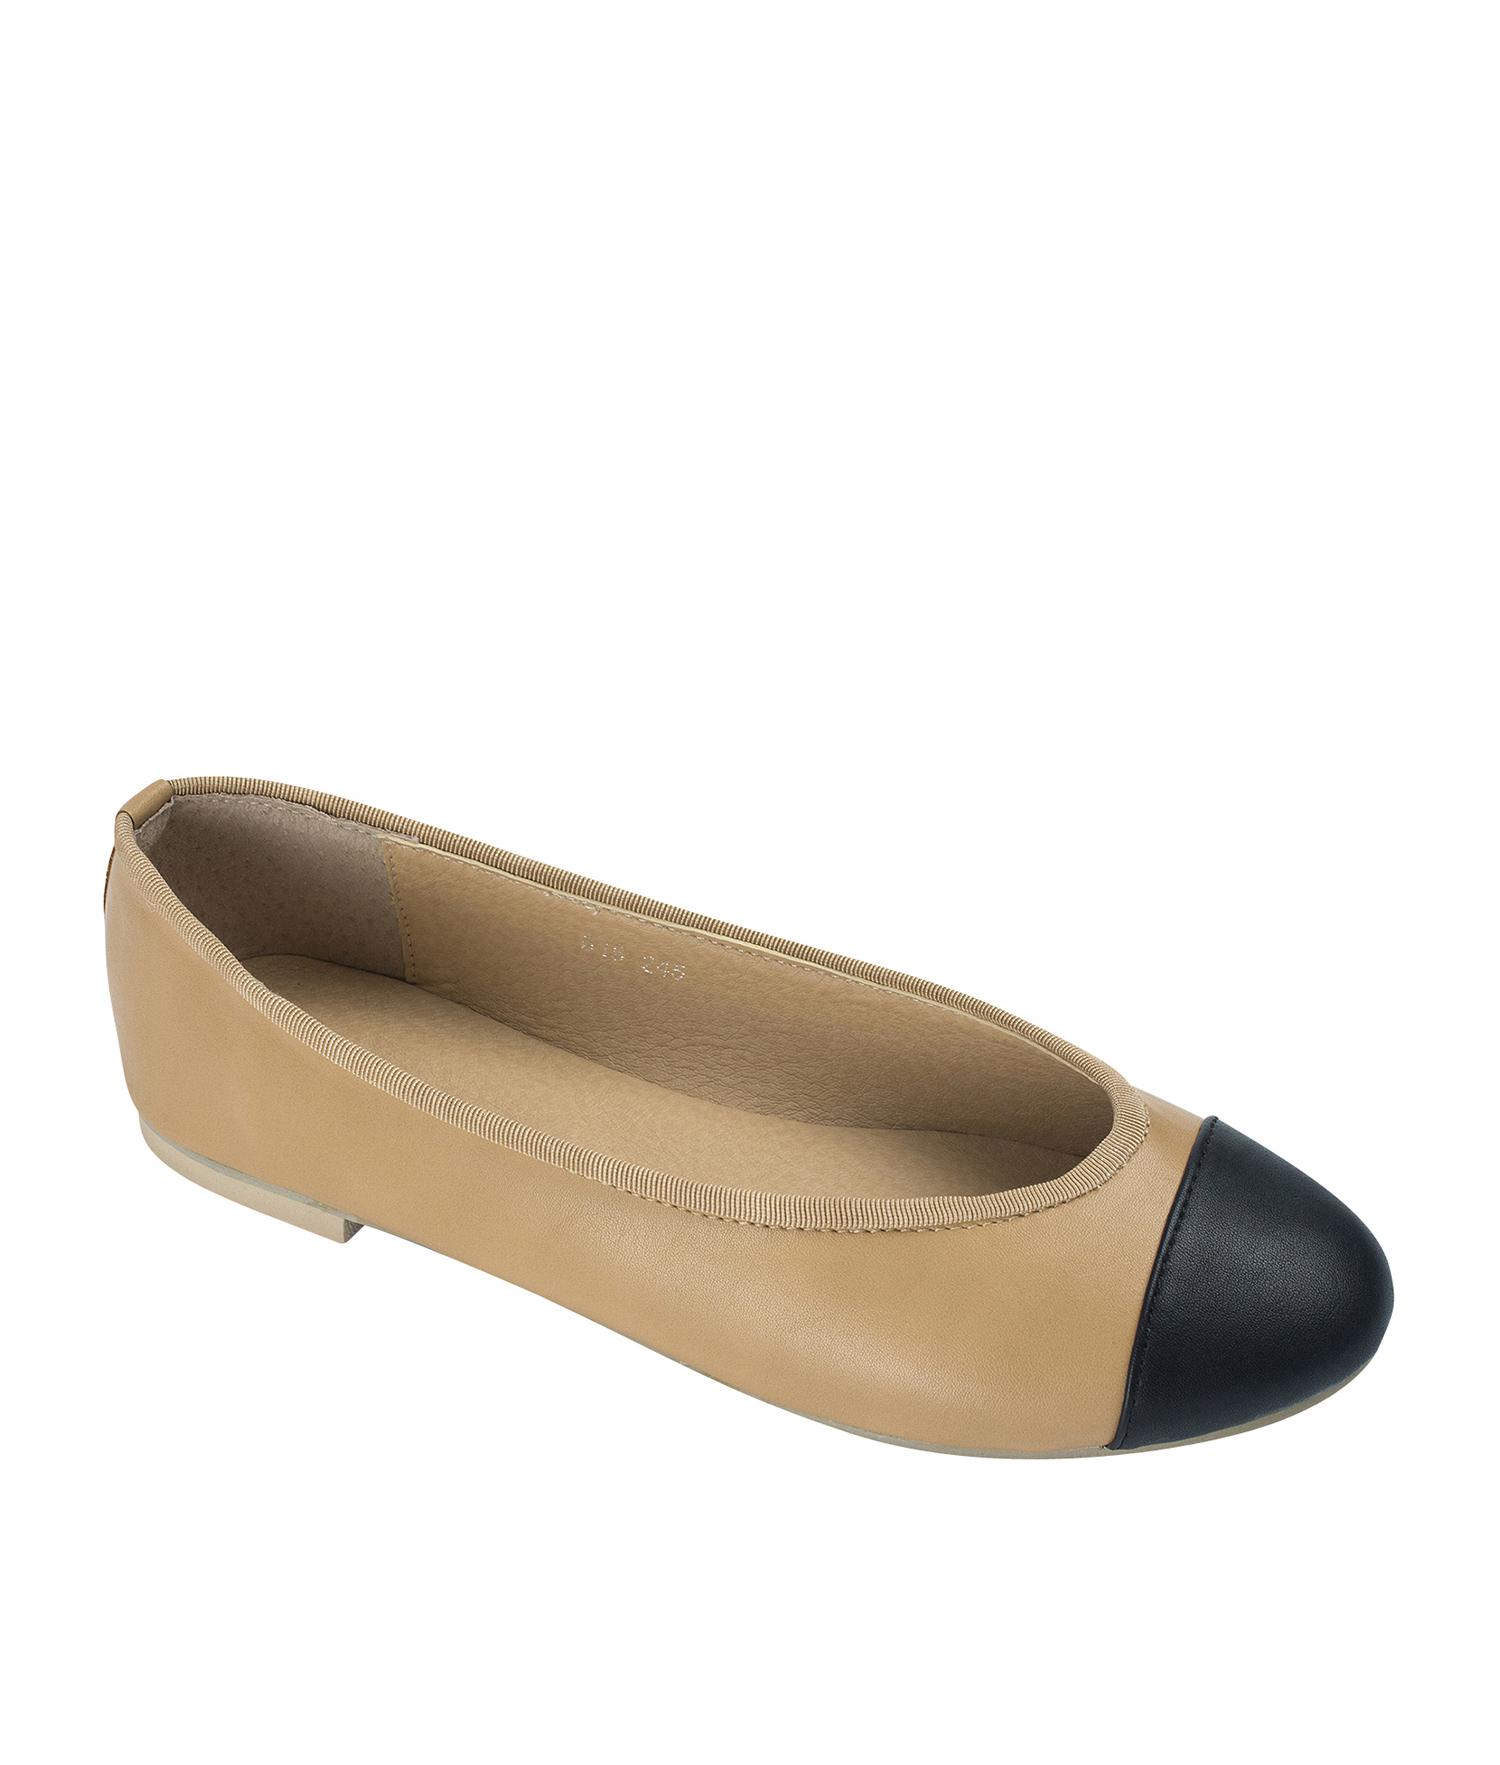 f67240c9c AnnaKastle Womens Classic Cap toe Ballerina Flats Tan+Black